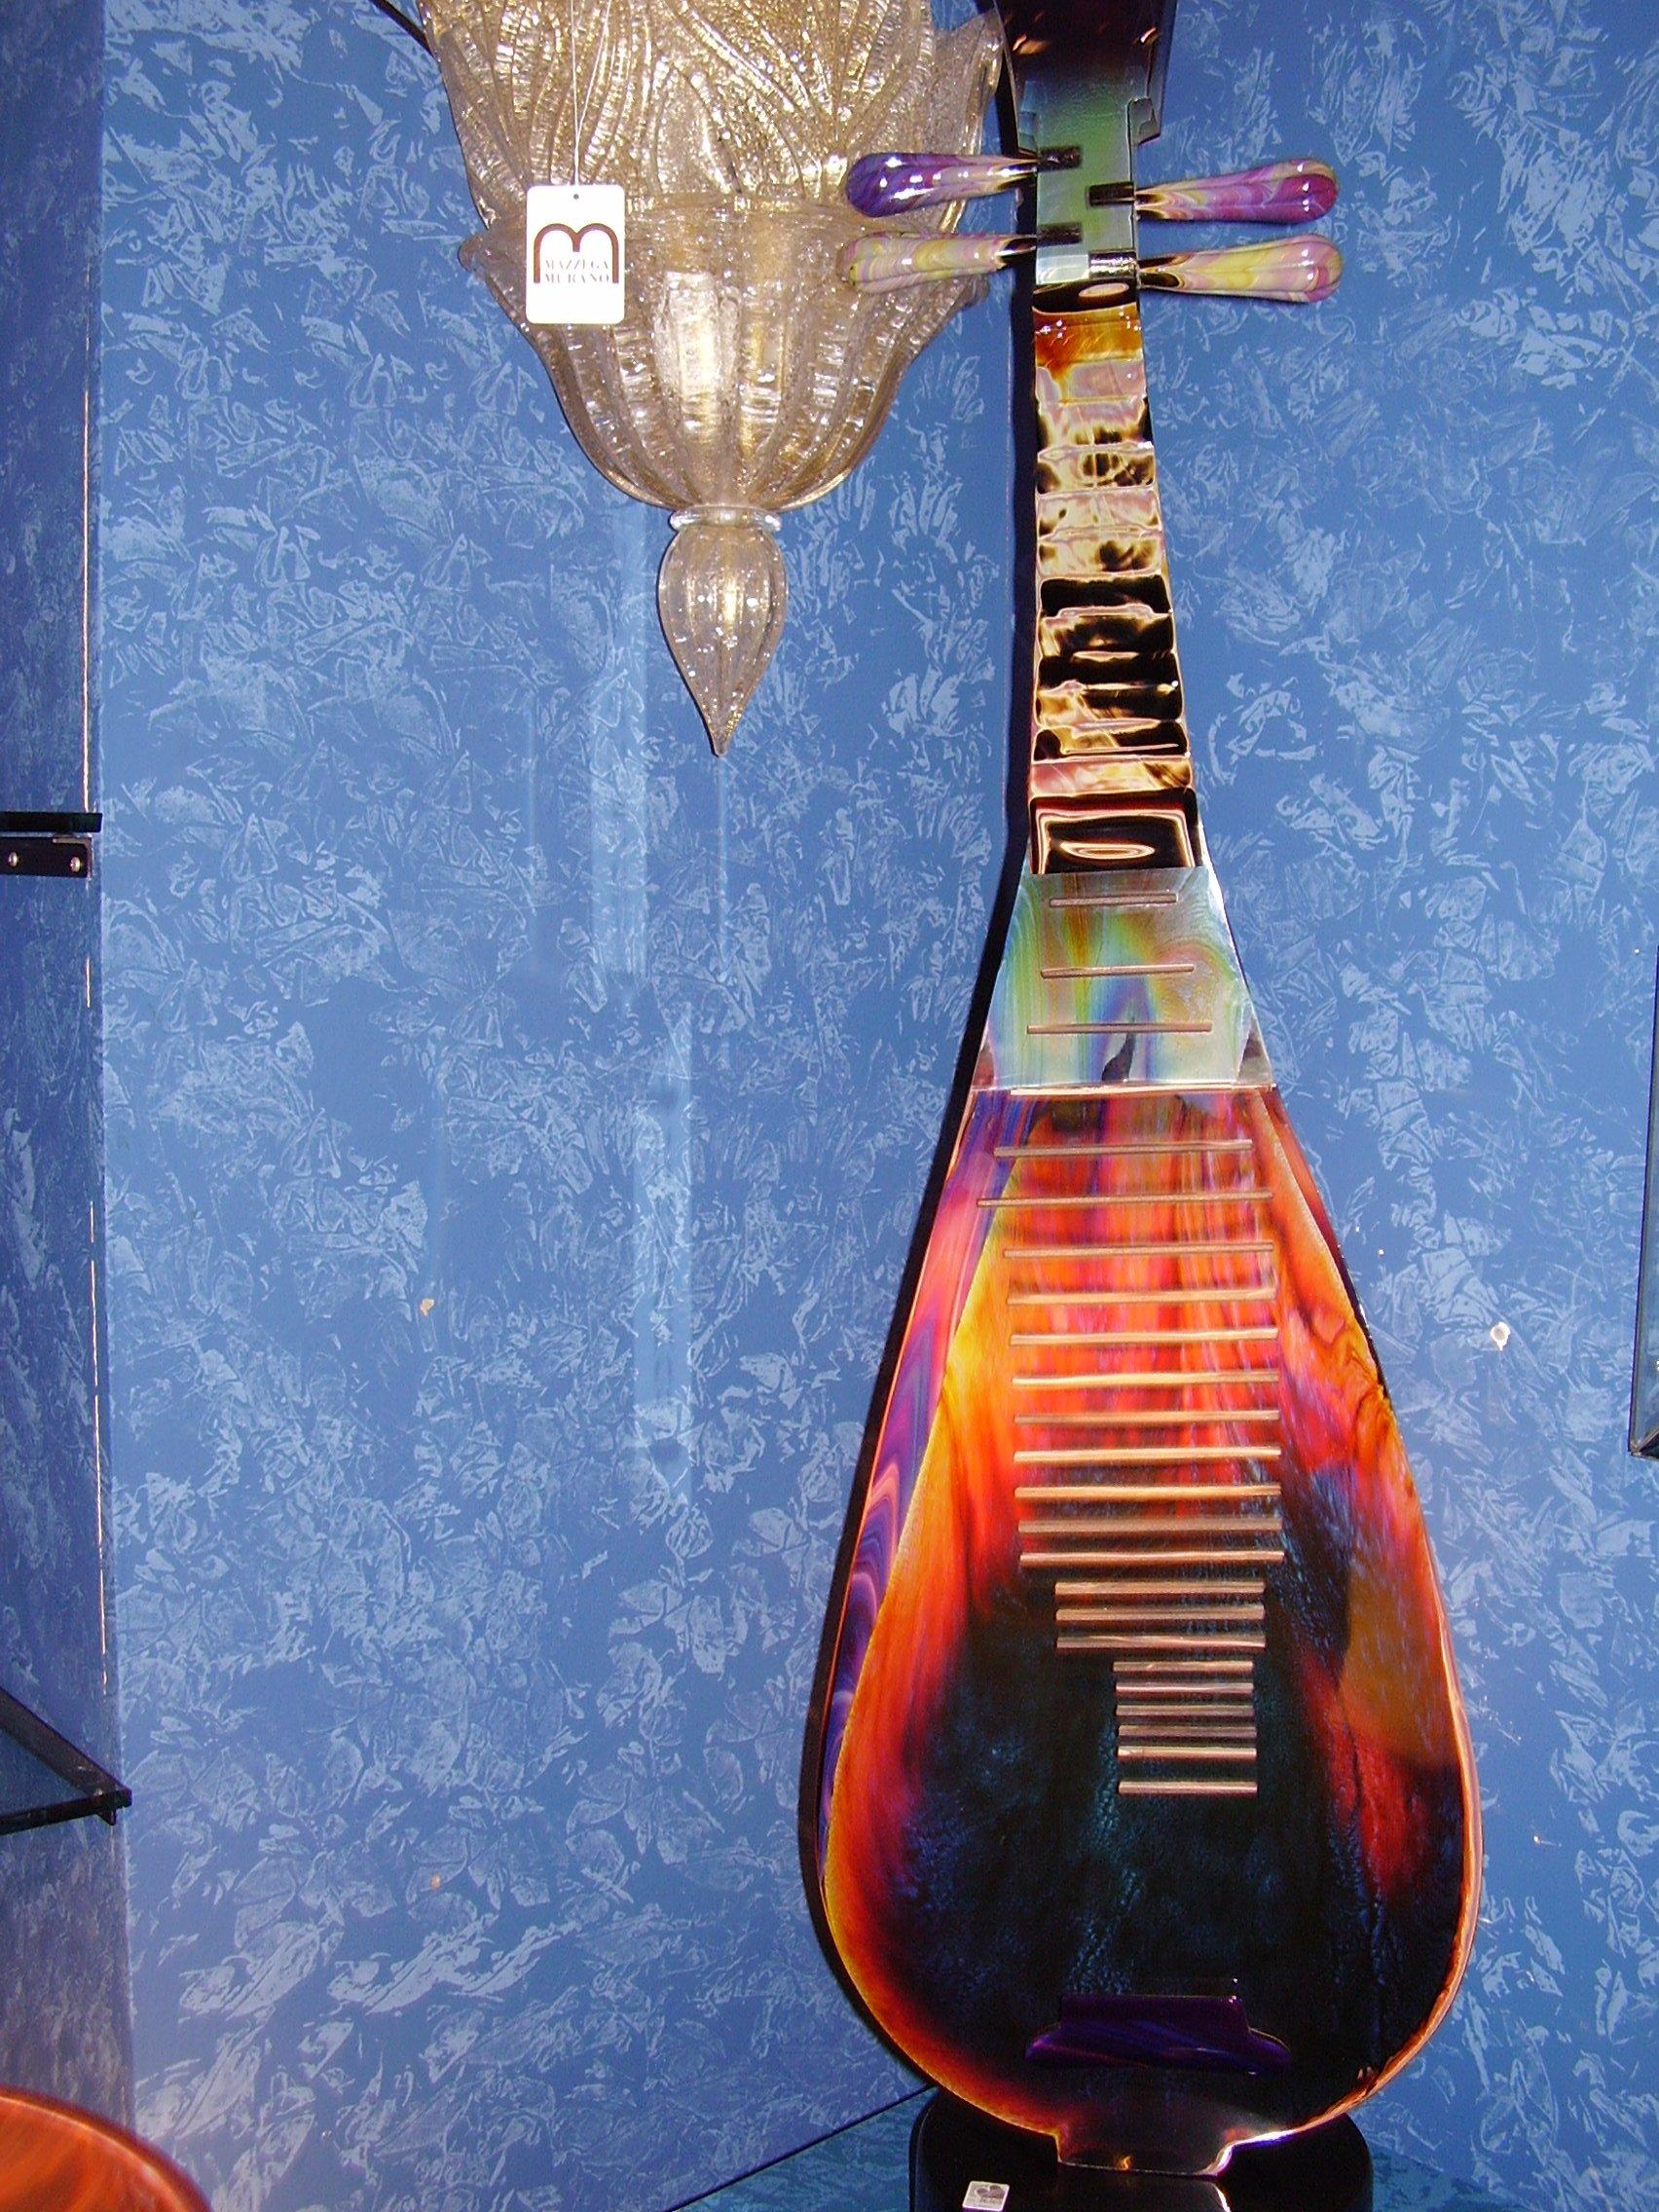 Музыкальный инструмент из стекла - Мурано - Италия